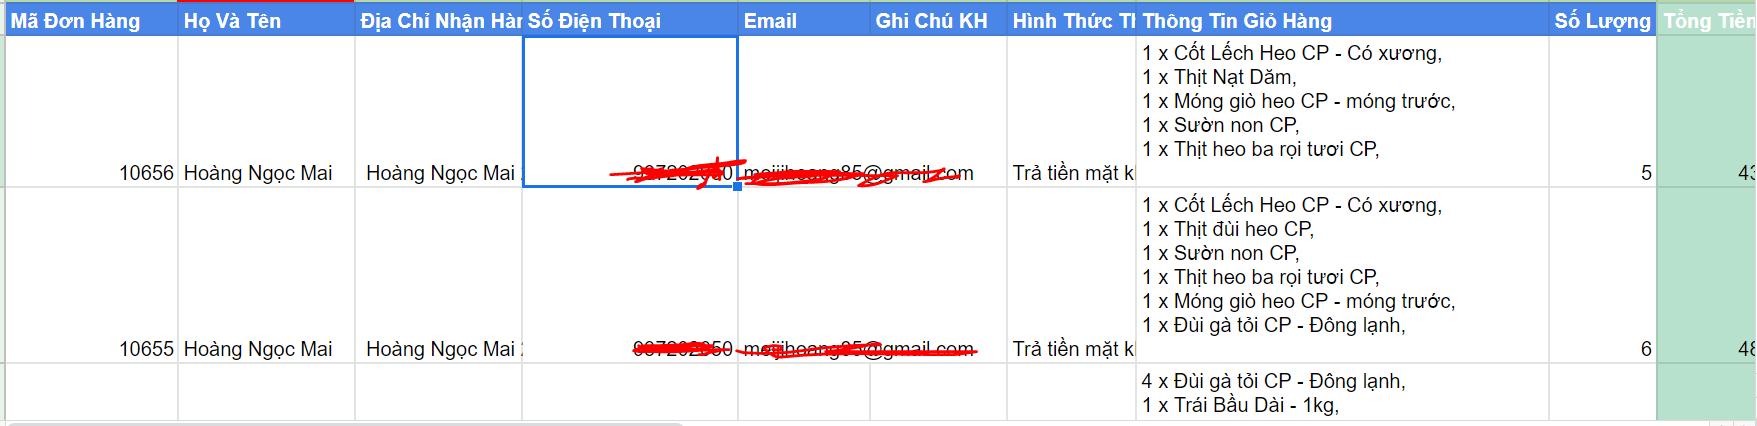 Đồng Bộ Đơn Hàng Woocommerce lên google sheet qua API